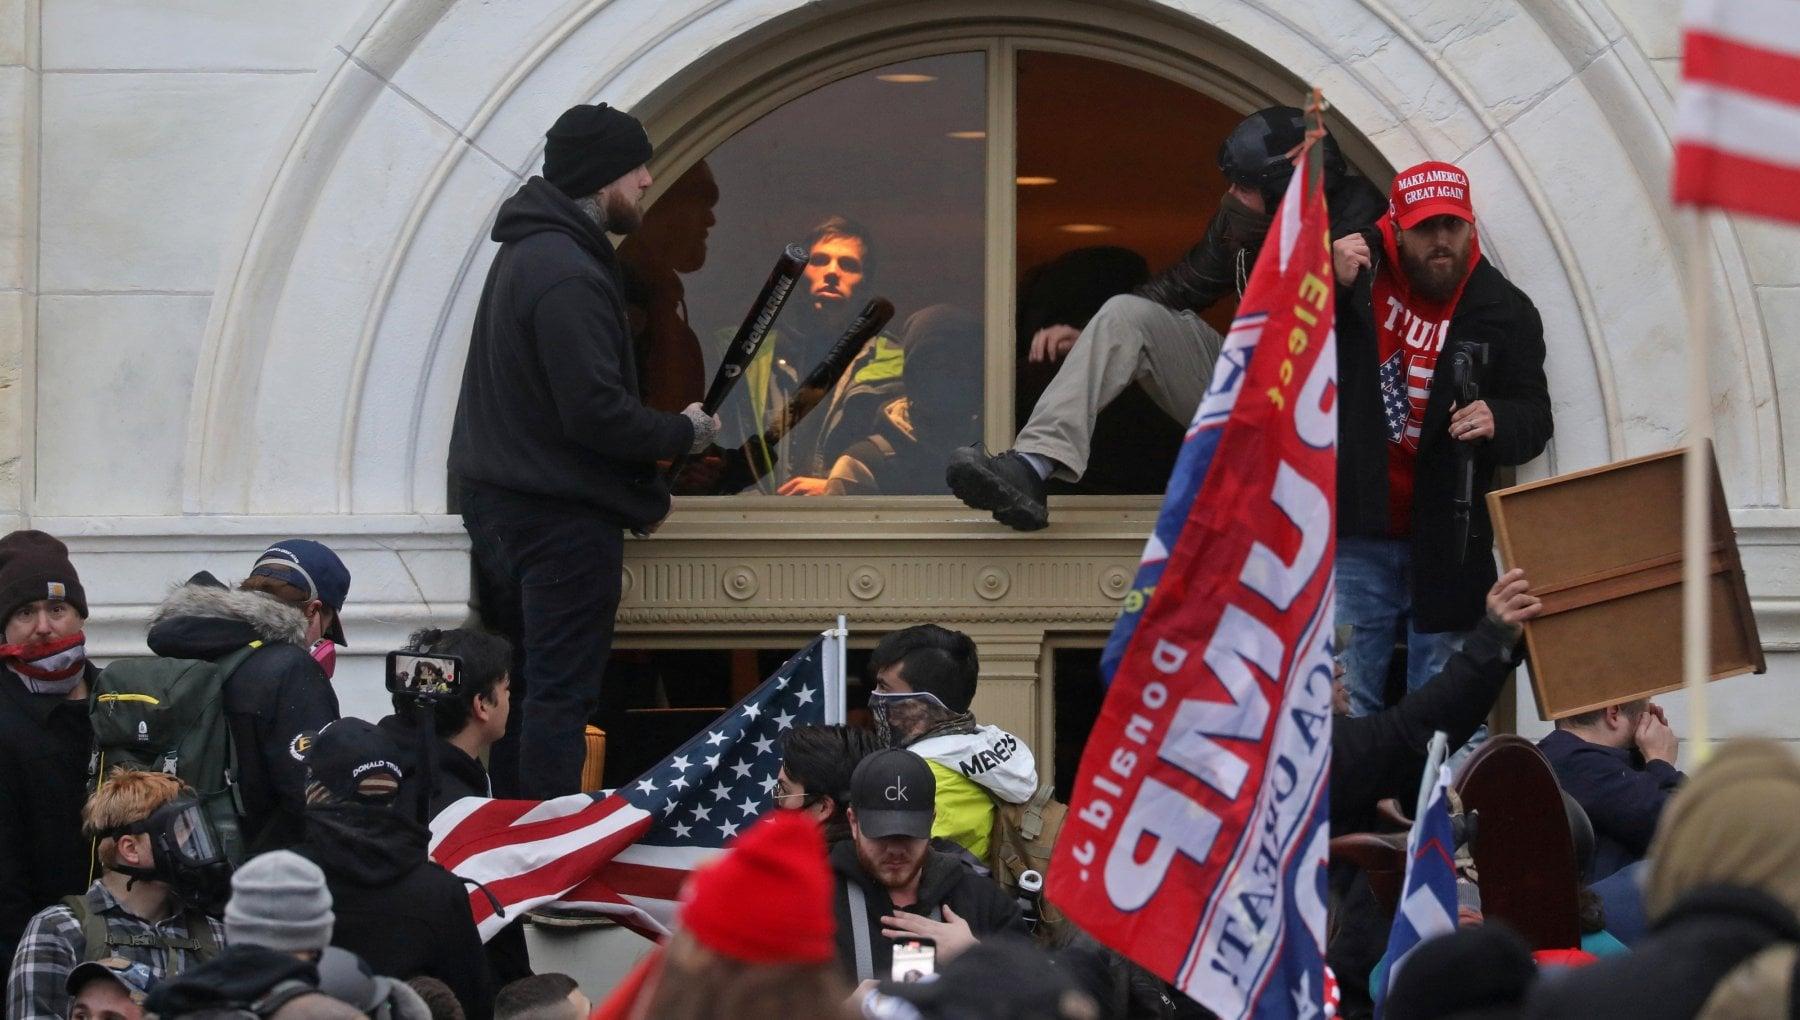 190311489 af1a2f71 9f1a 411e 8723 ee4f640f6c87 - Stati Uniti, l'assedio a Capitol Hill evento superdiffusore di coronavirus: contagi tra i manifestanti e i politici